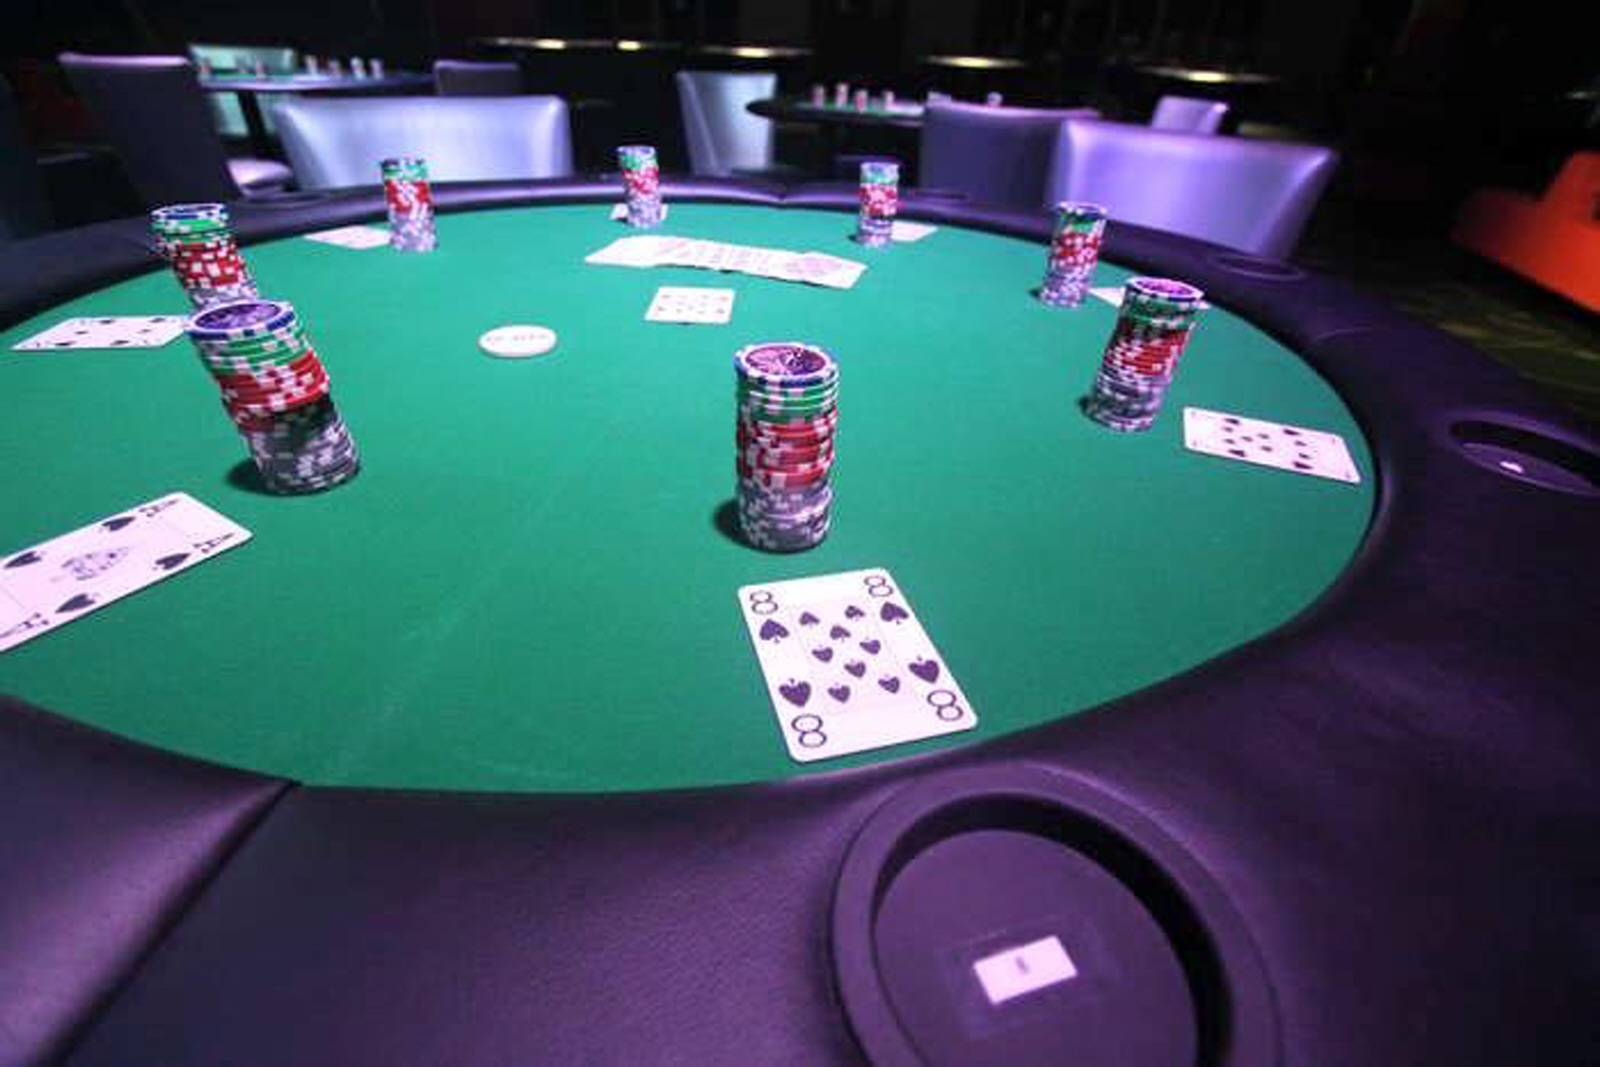 Casino online français : le luxe de jouer chez soi